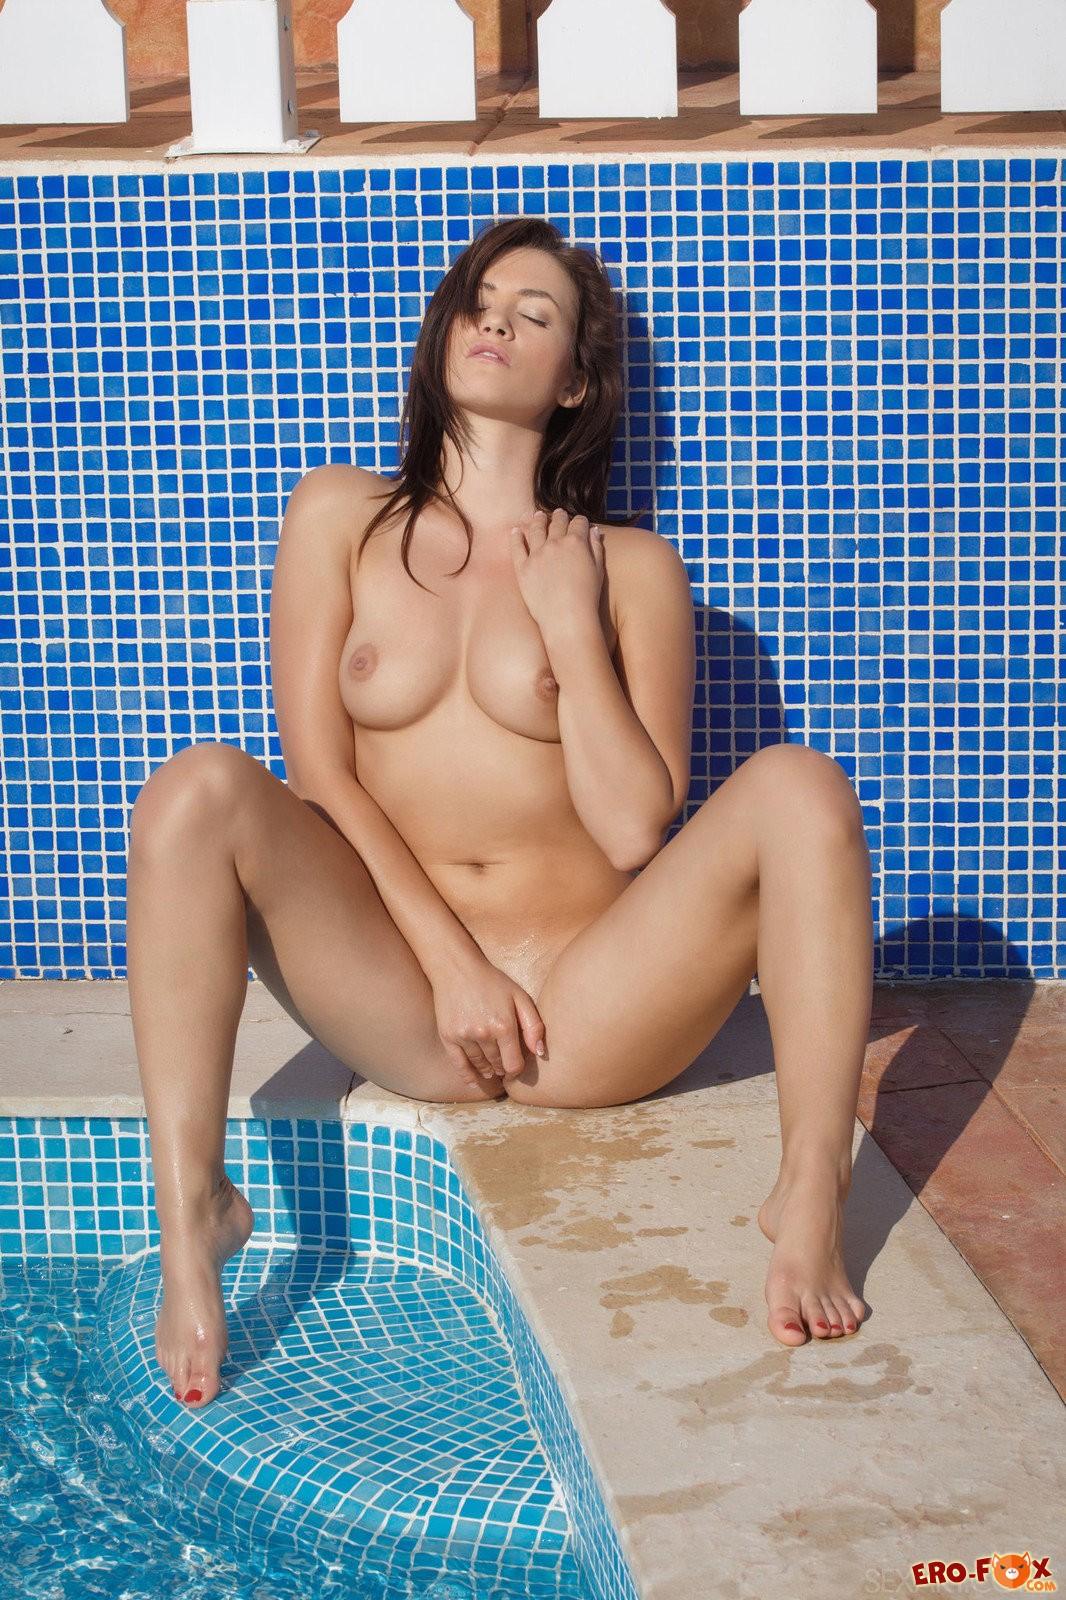 Горячая девушка сняла купальник на шезлонге